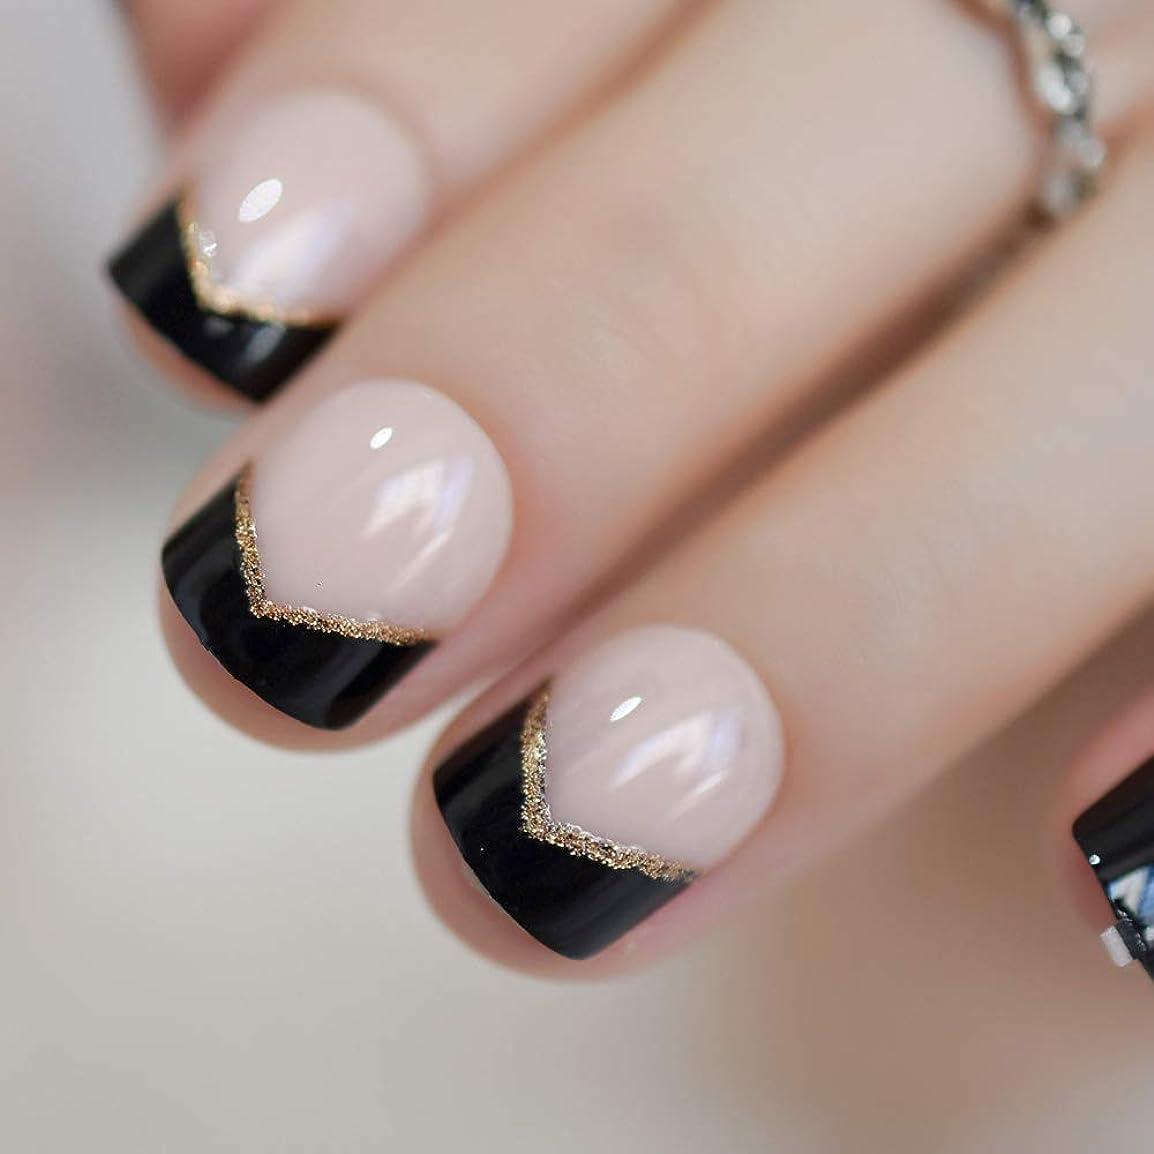 平和近所の殉教者XUTXZKA 短い爪黒のヒントゴールドグリッターアングル装飾された女性のための自然な偽の爪